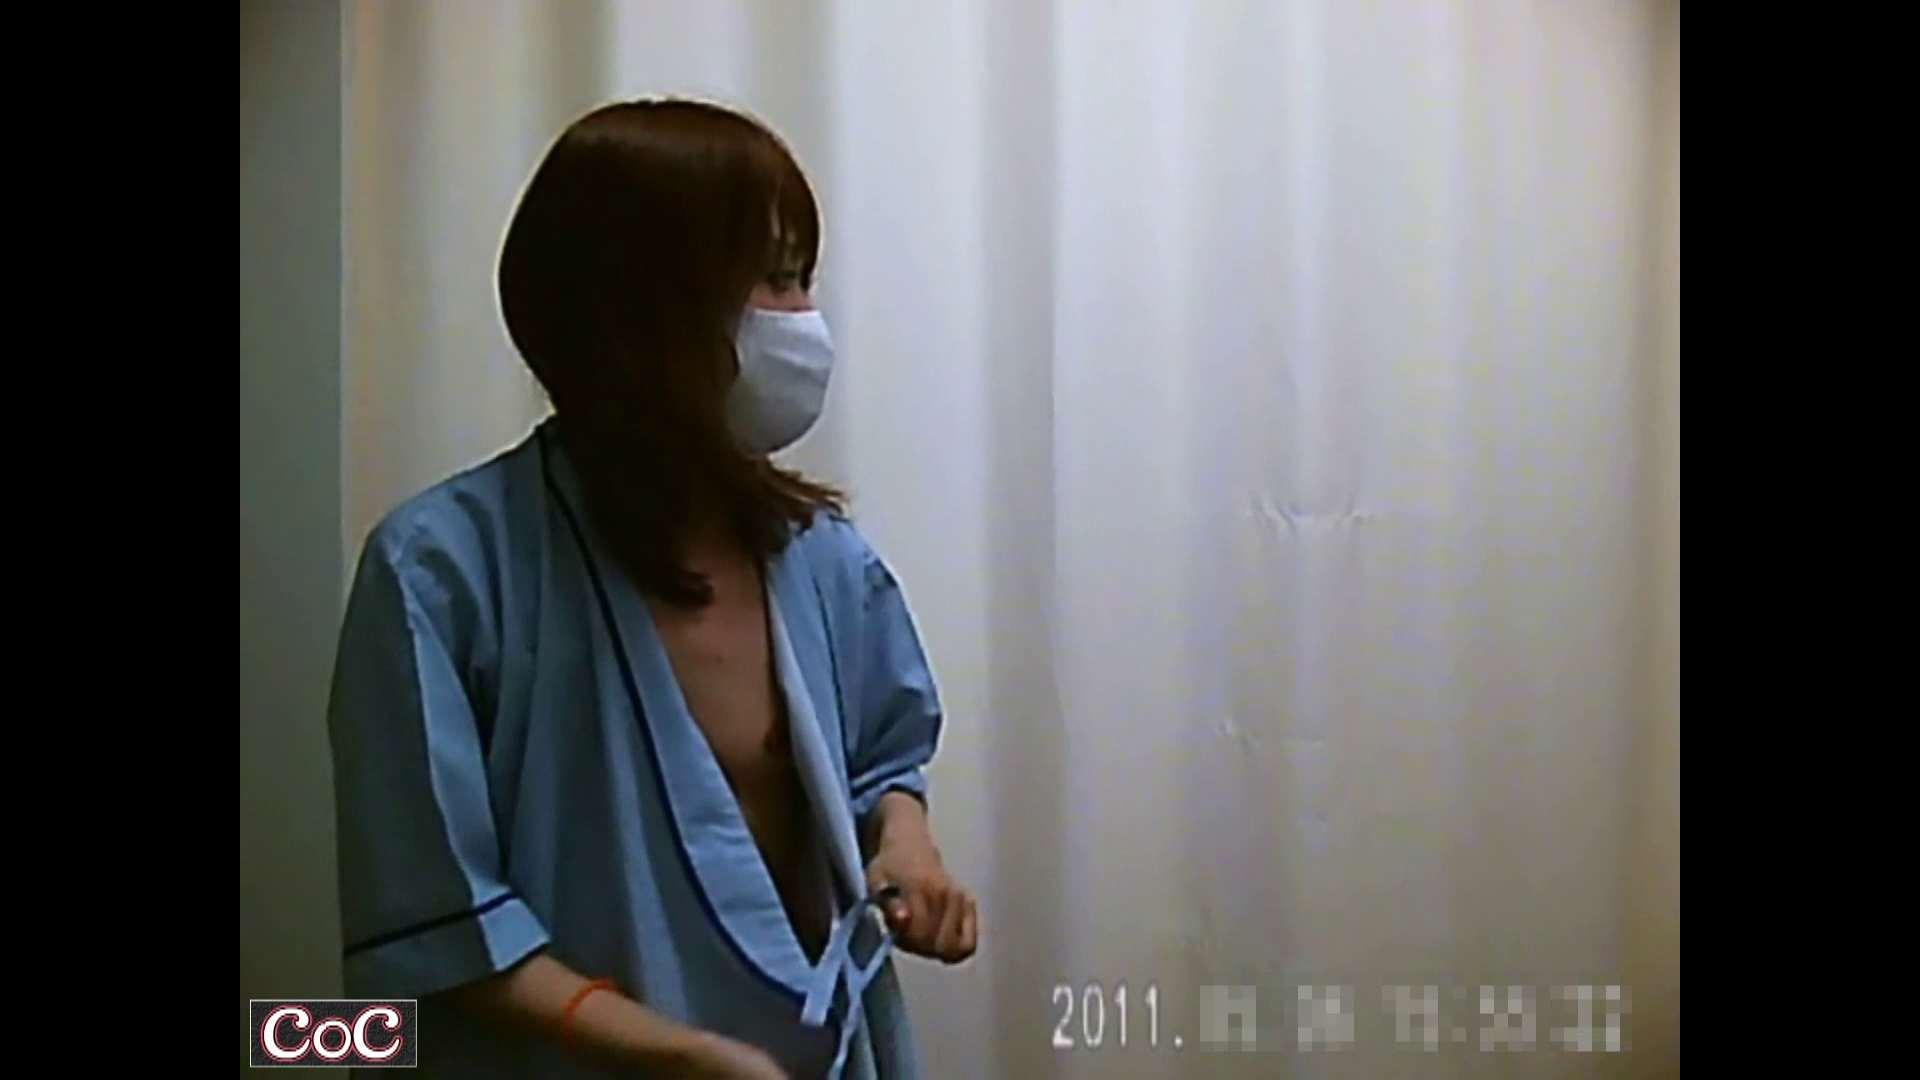 元医者による反抗 更衣室地獄絵巻 vol.167 OL  59pic 22